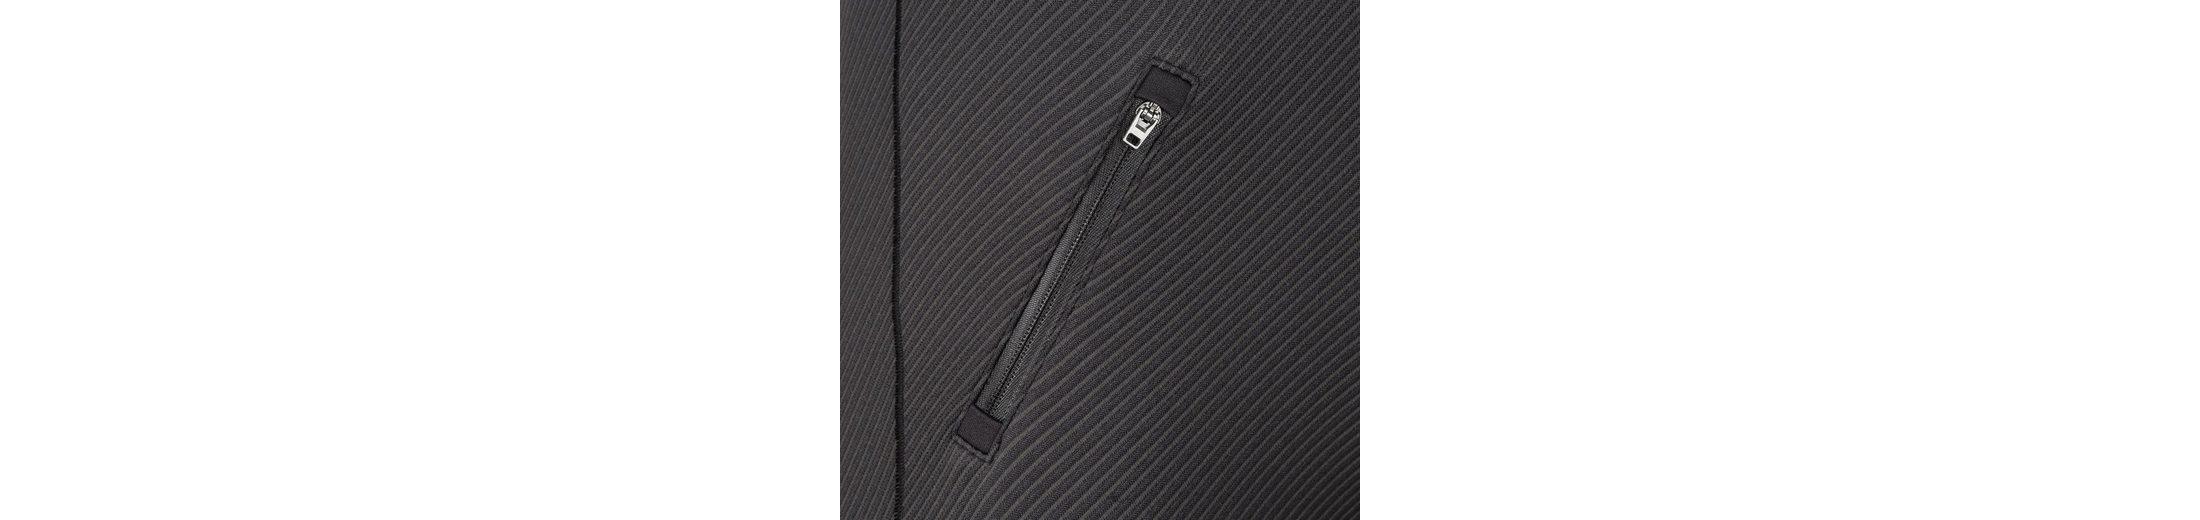 Billig Mit Paypal Günstiger Preis adidas Performance Lauftights Ultra Primeknit Niedrig Preis Versandkosten Für Verkauf mKiqLv